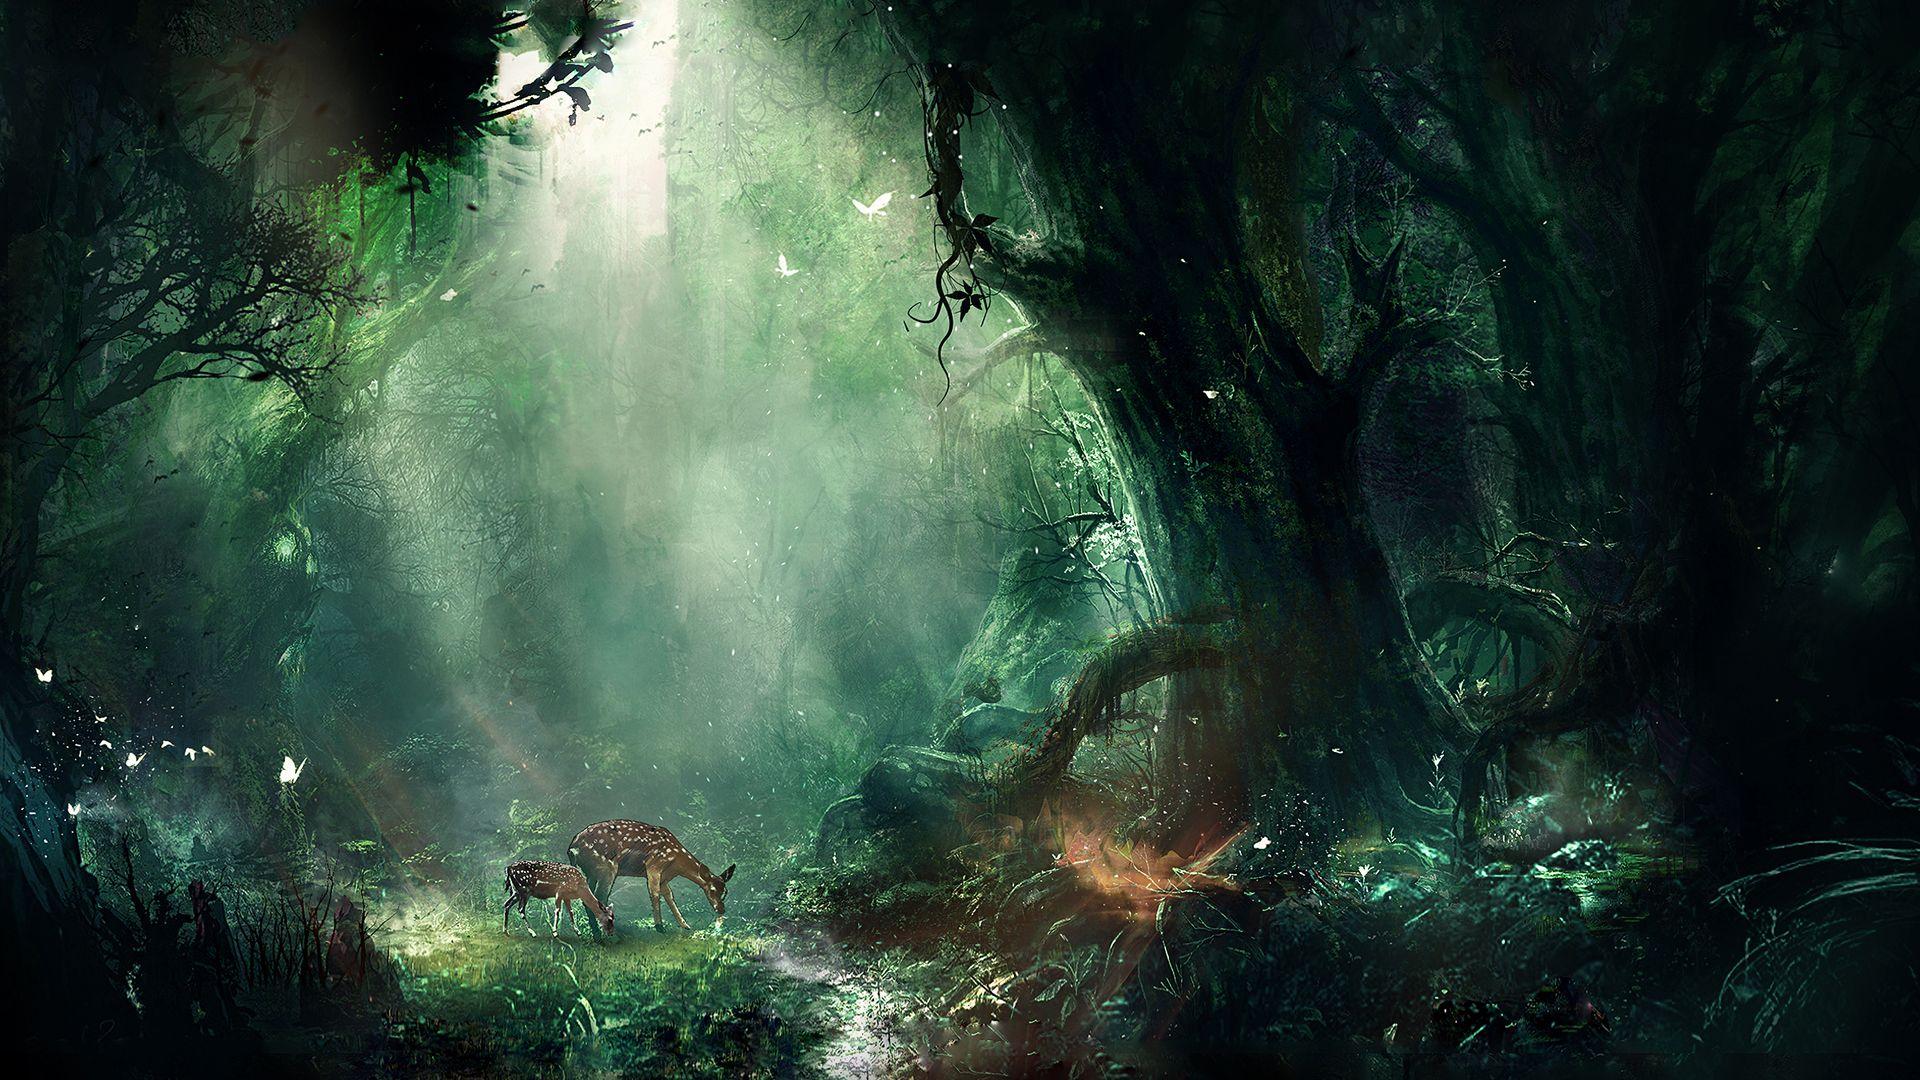 Fae Forest Fantasy Landscape Fantasy Forest Jungle Wallpaper